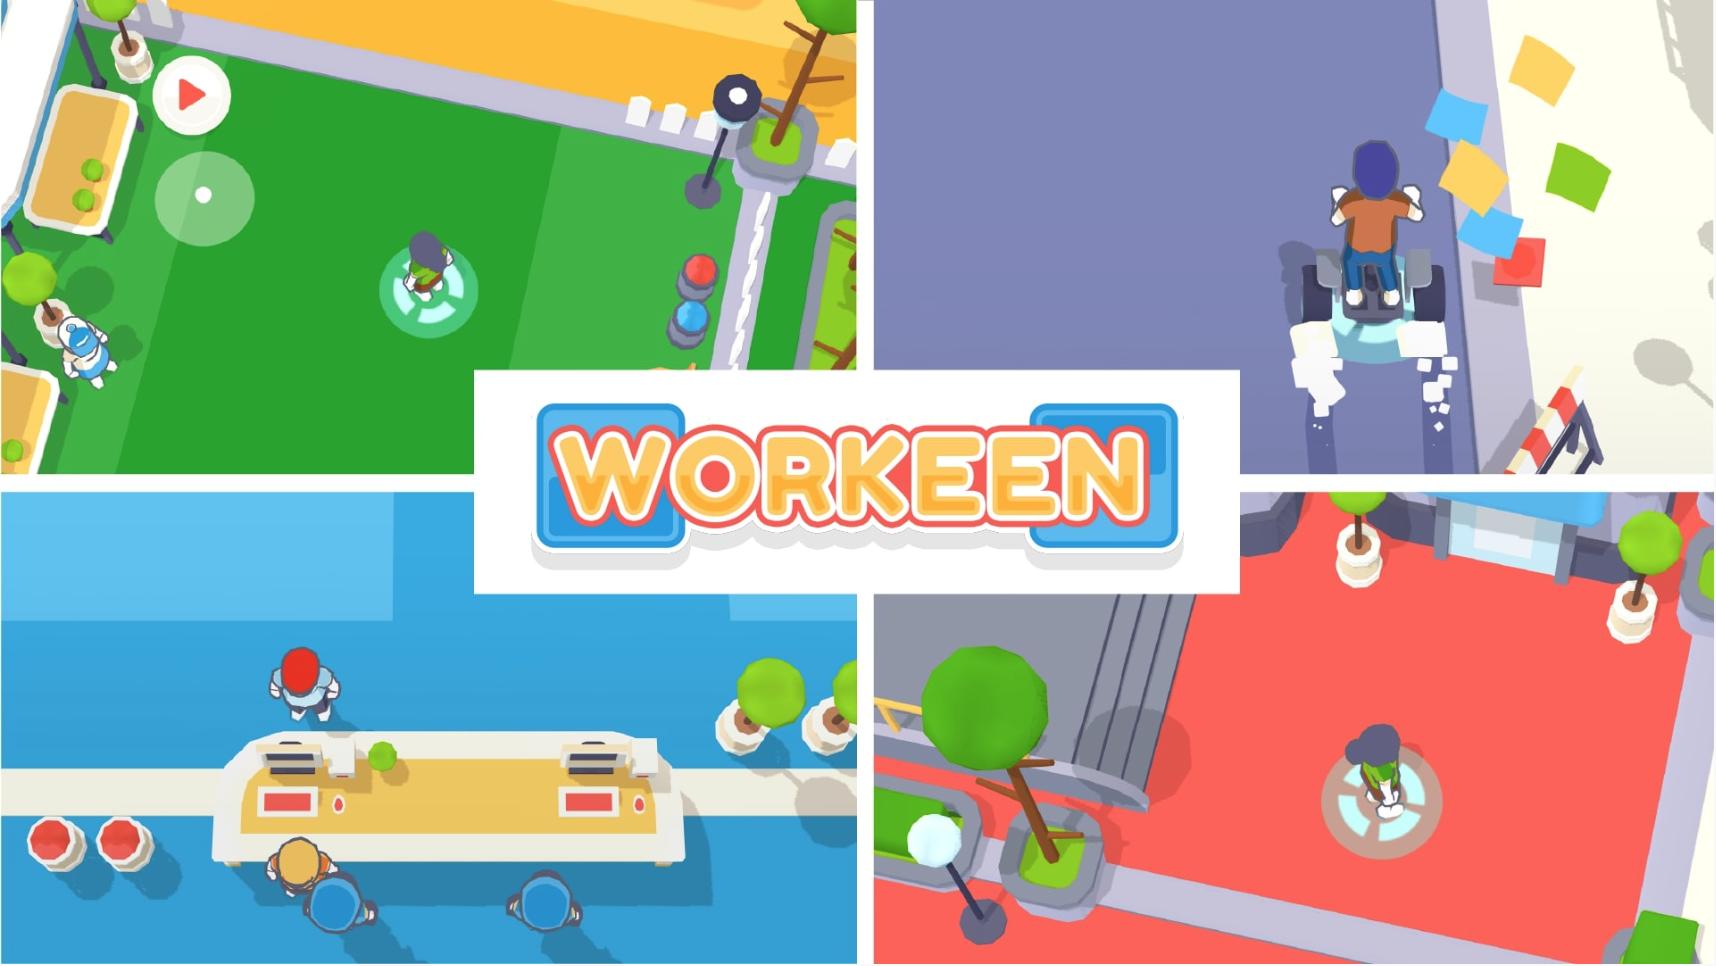 Workeen